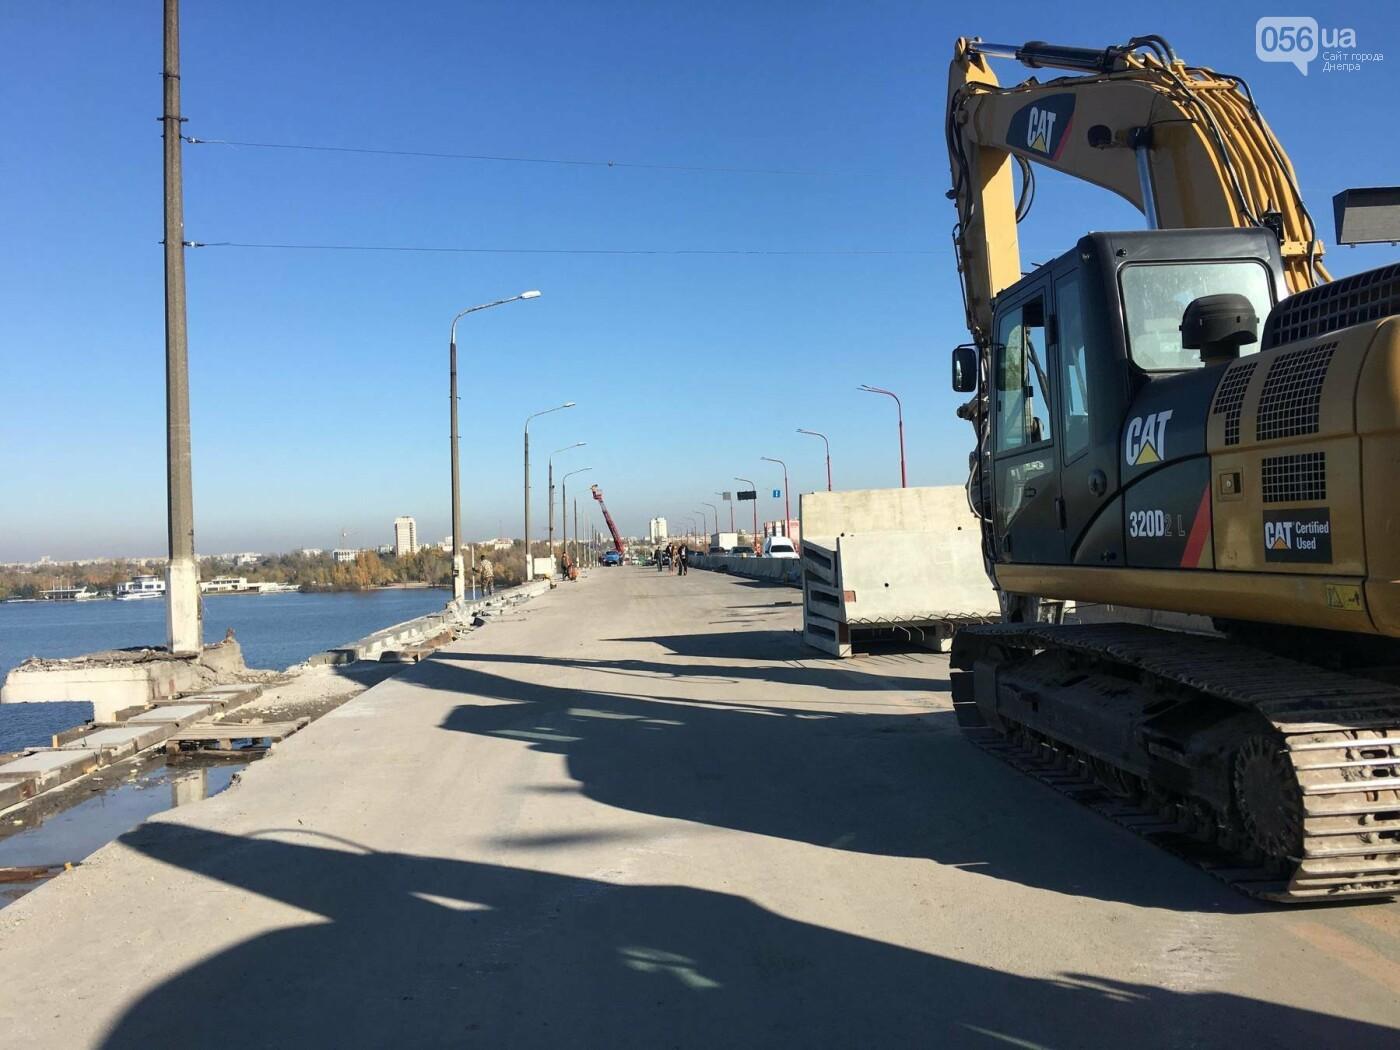 На Новом мосту в Днепре продолжает падать фонарный столб: что с ним будут делать, - ФОТО,  ВИДЕО, фото-9